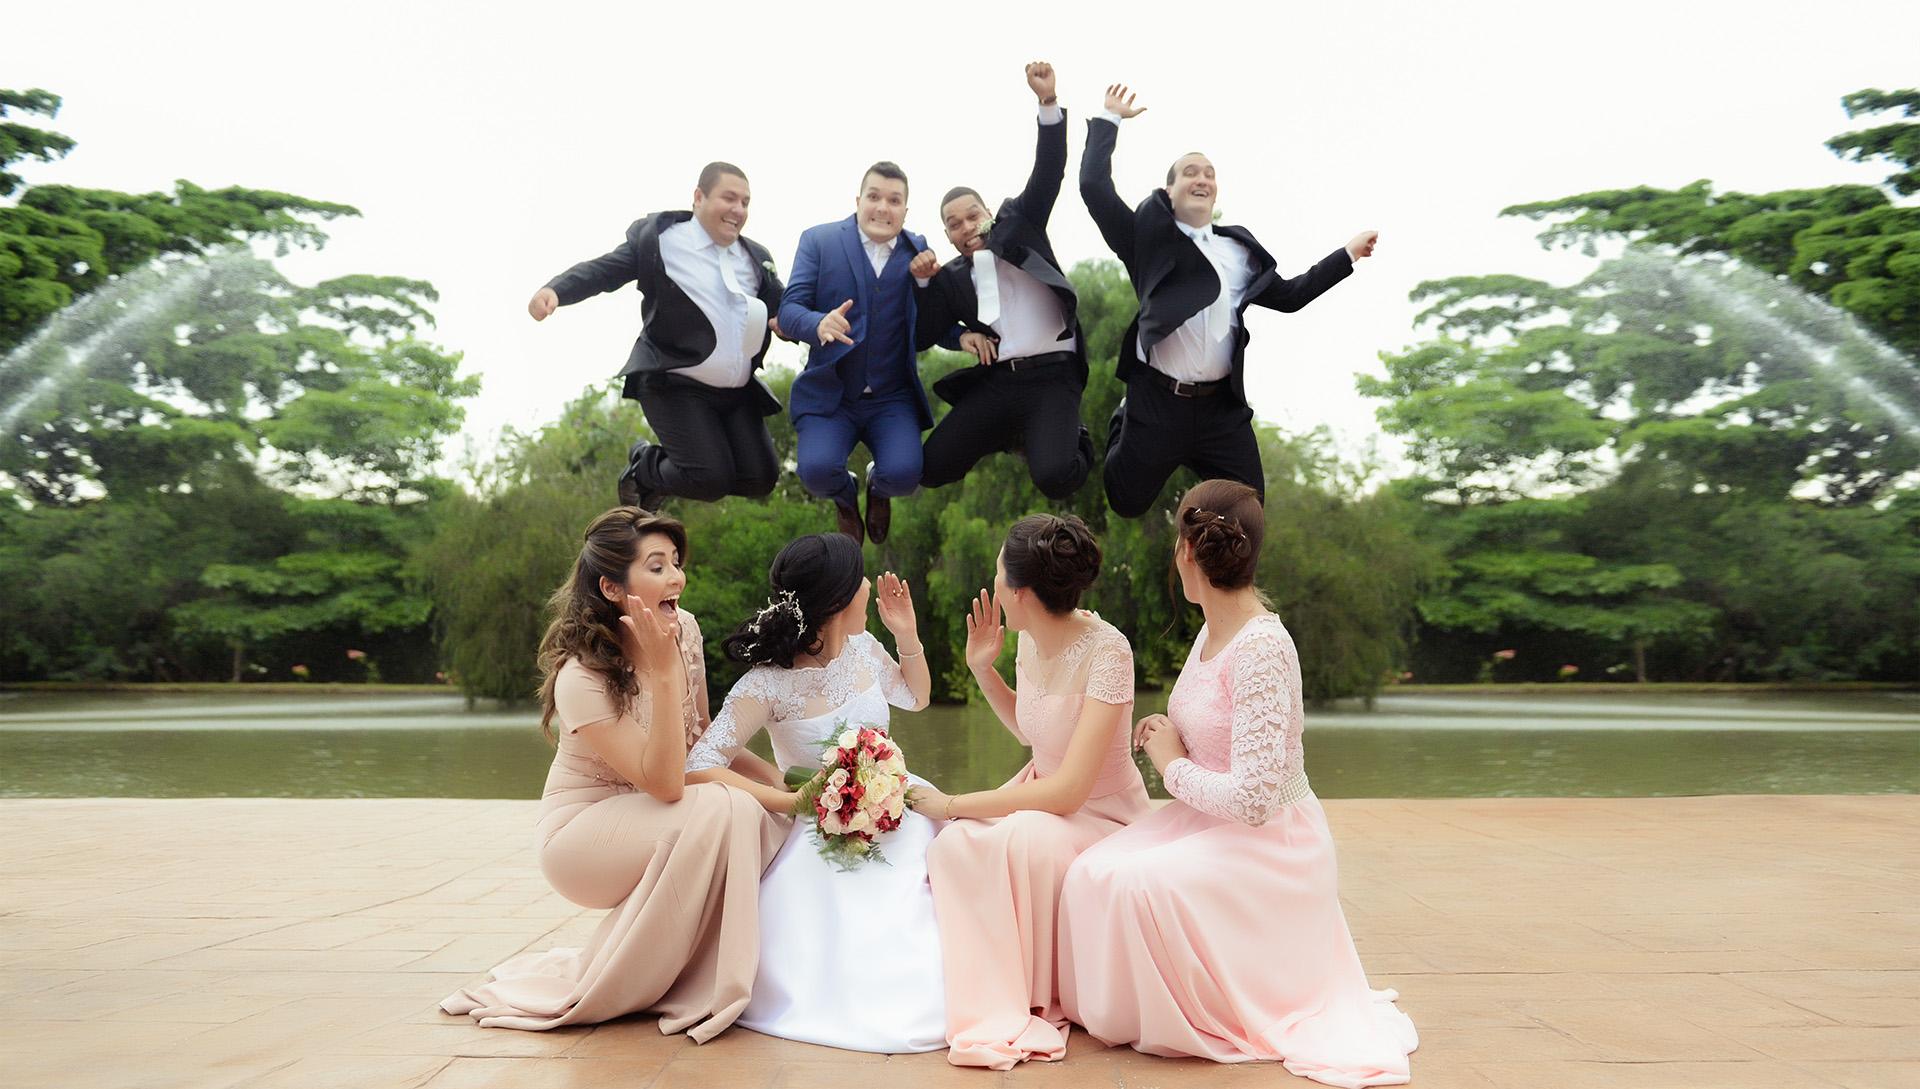 Contate Fotografo de Casamento - Bob Nunes - São José do Rio Preto - SP